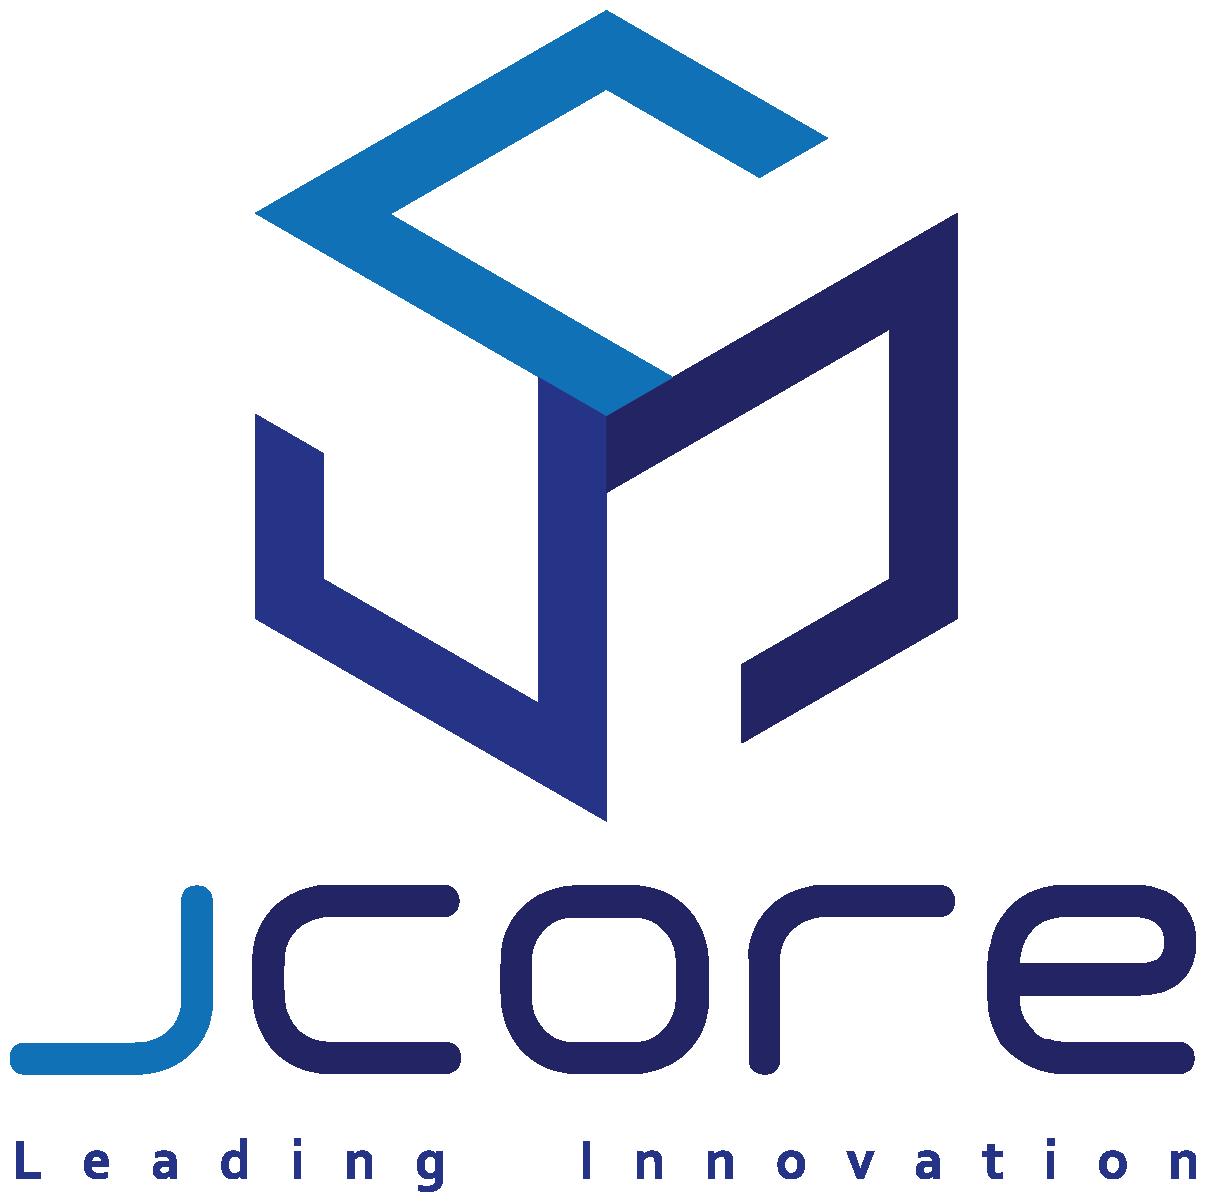 제이코어 - 반도체검사, 디스플레이검사, 자동화 장비 설계 및 제작 전문회사